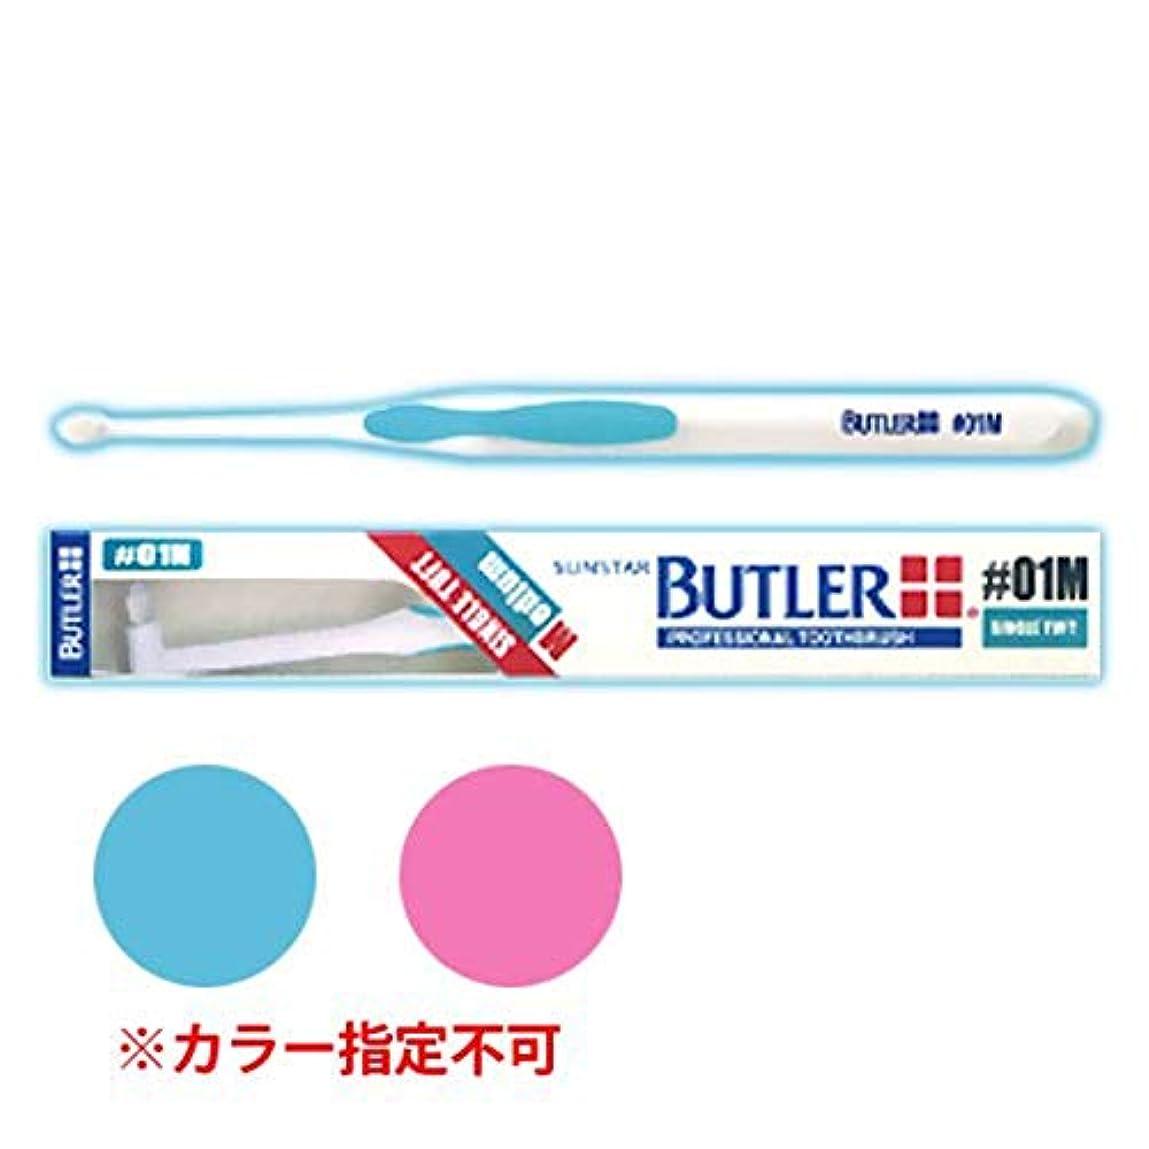 幻影炭水化物肌寒いサンスター バトラー シングルタフト #01M(ミディアムタイプ) 6本